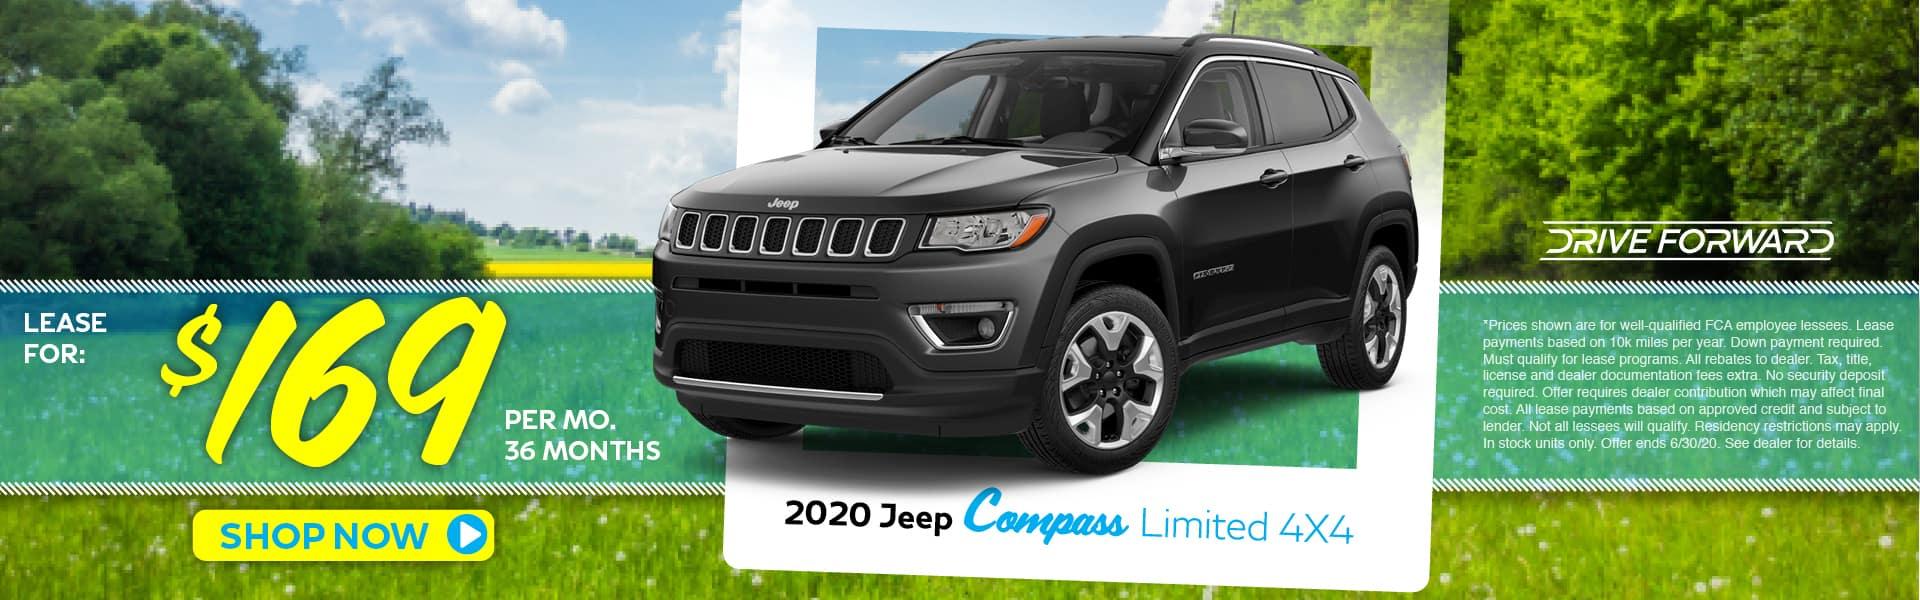 2020 Compass Lease Specials in Pinckney, MI